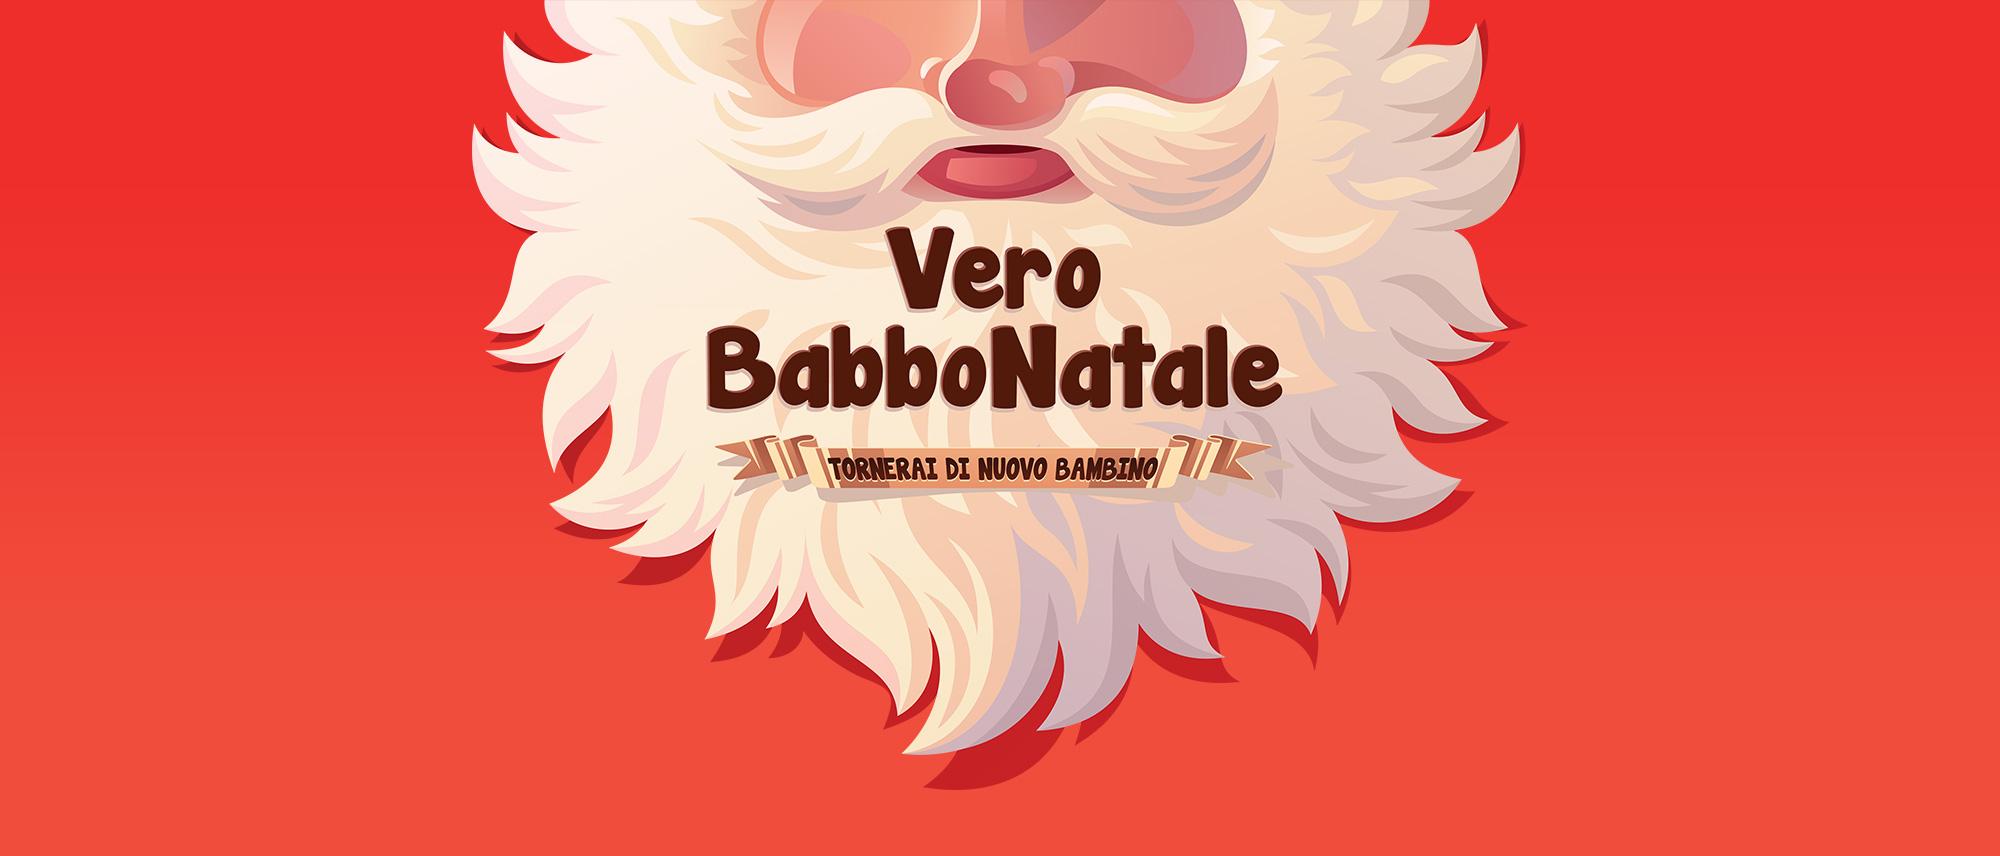 Vero Babbo Natale, l'unico brand specializzato nella fornitura di veri sosia di Babbo Natale!